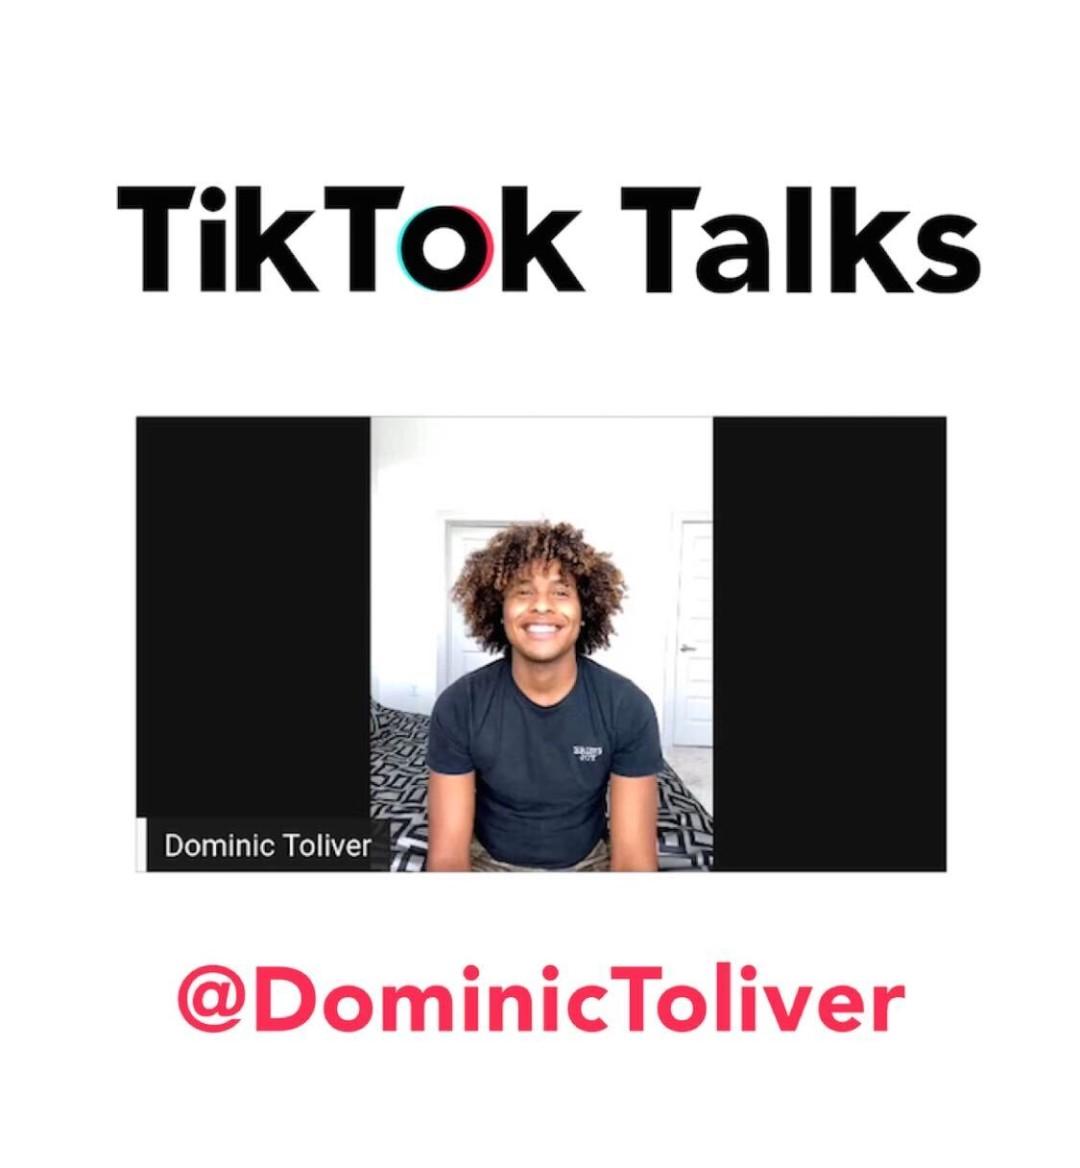 dominic toliver tiktok talks mobile